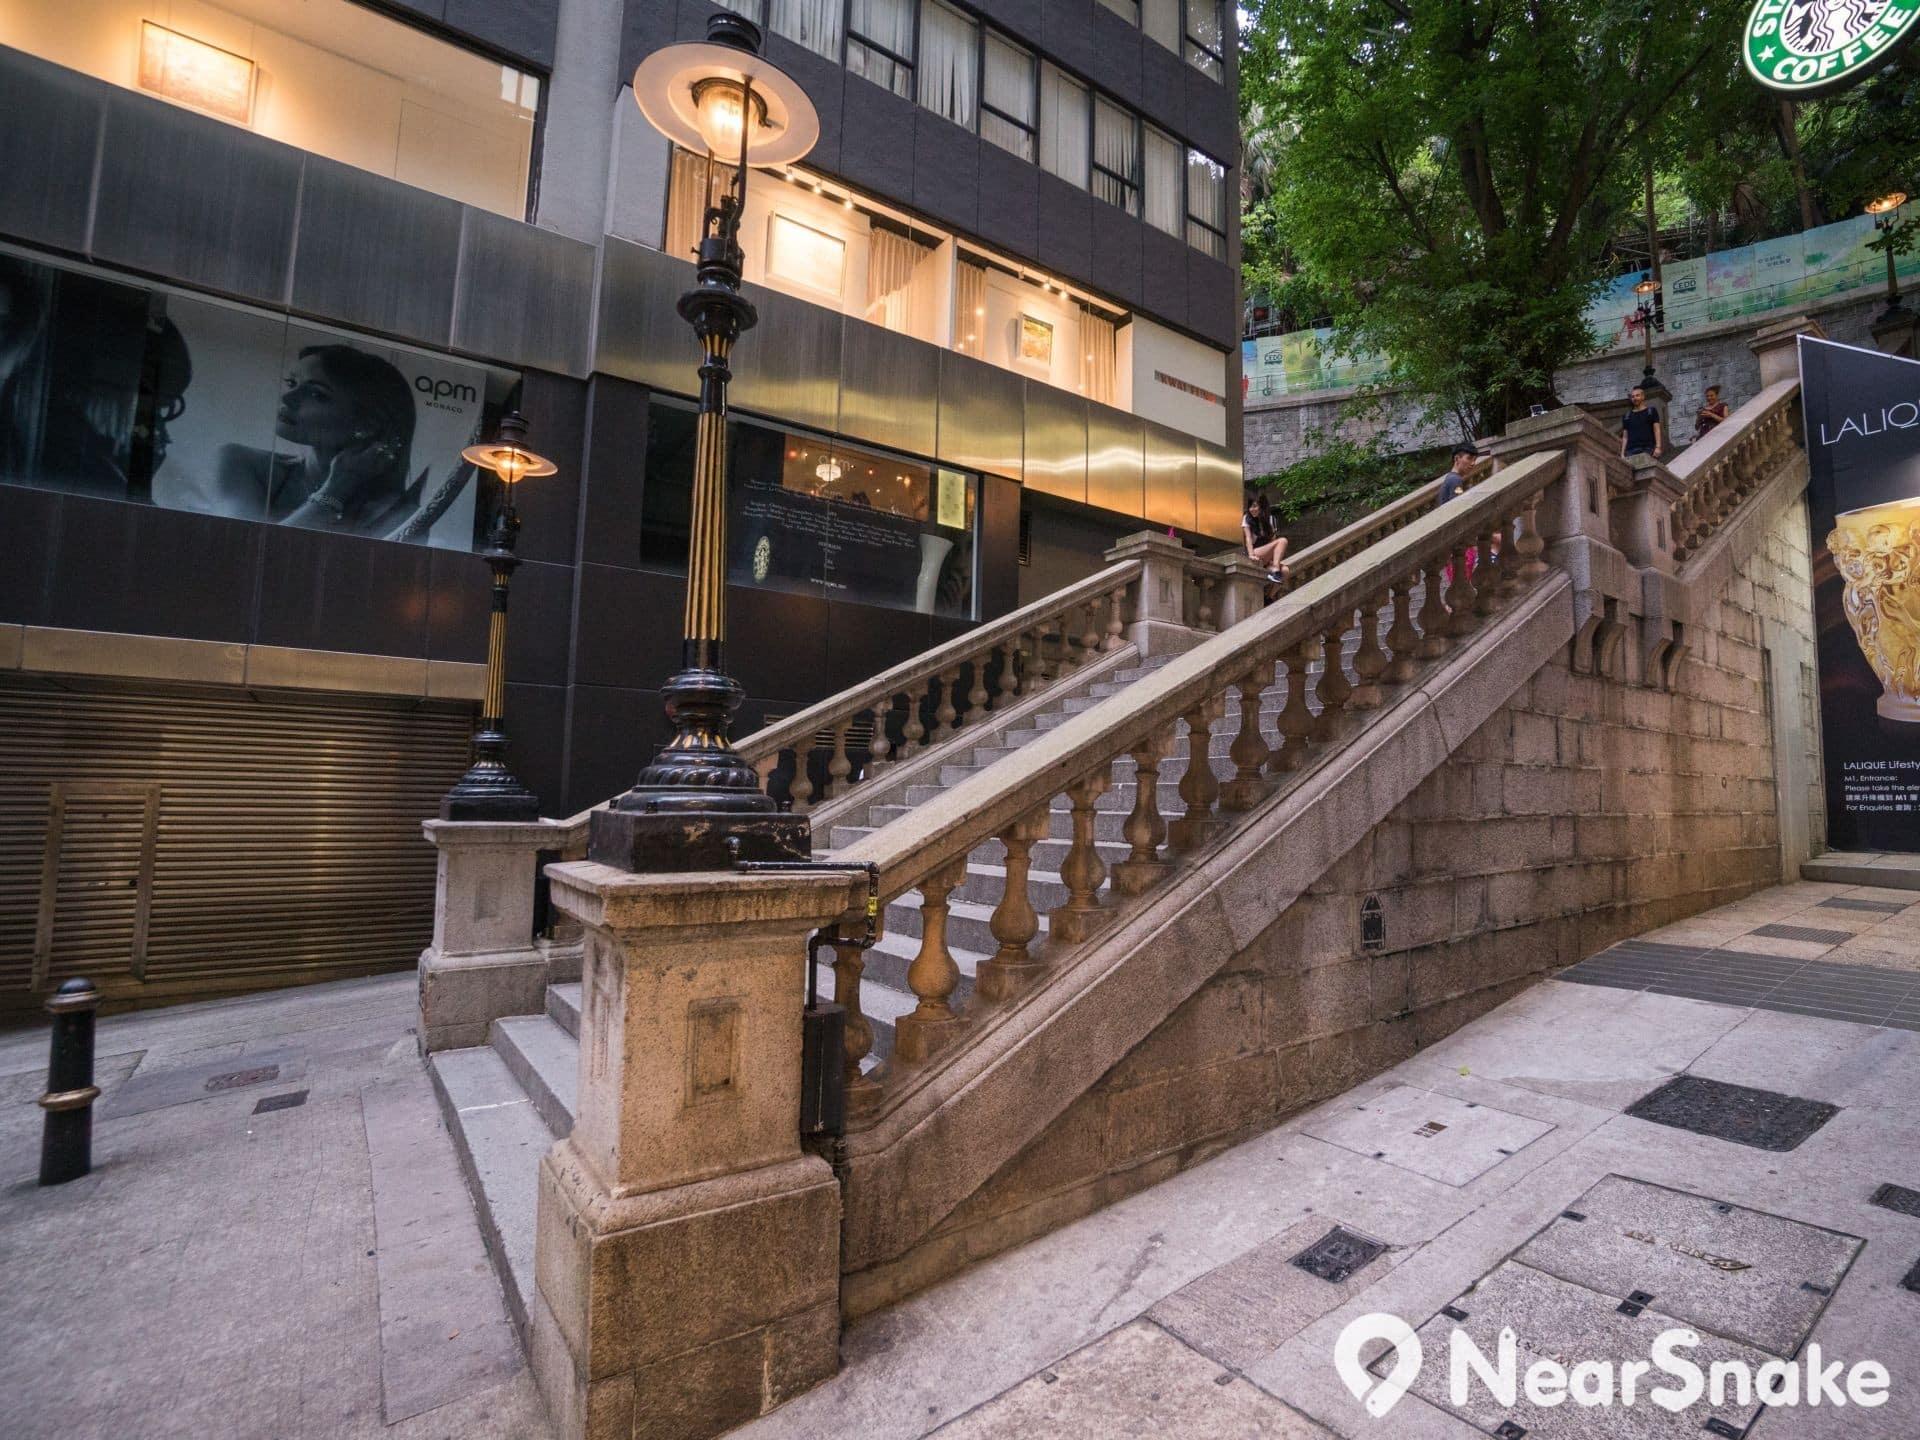 為便於安裝在石階的護欄上,都爹利街煤氣燈的燈柱較一般的為短。